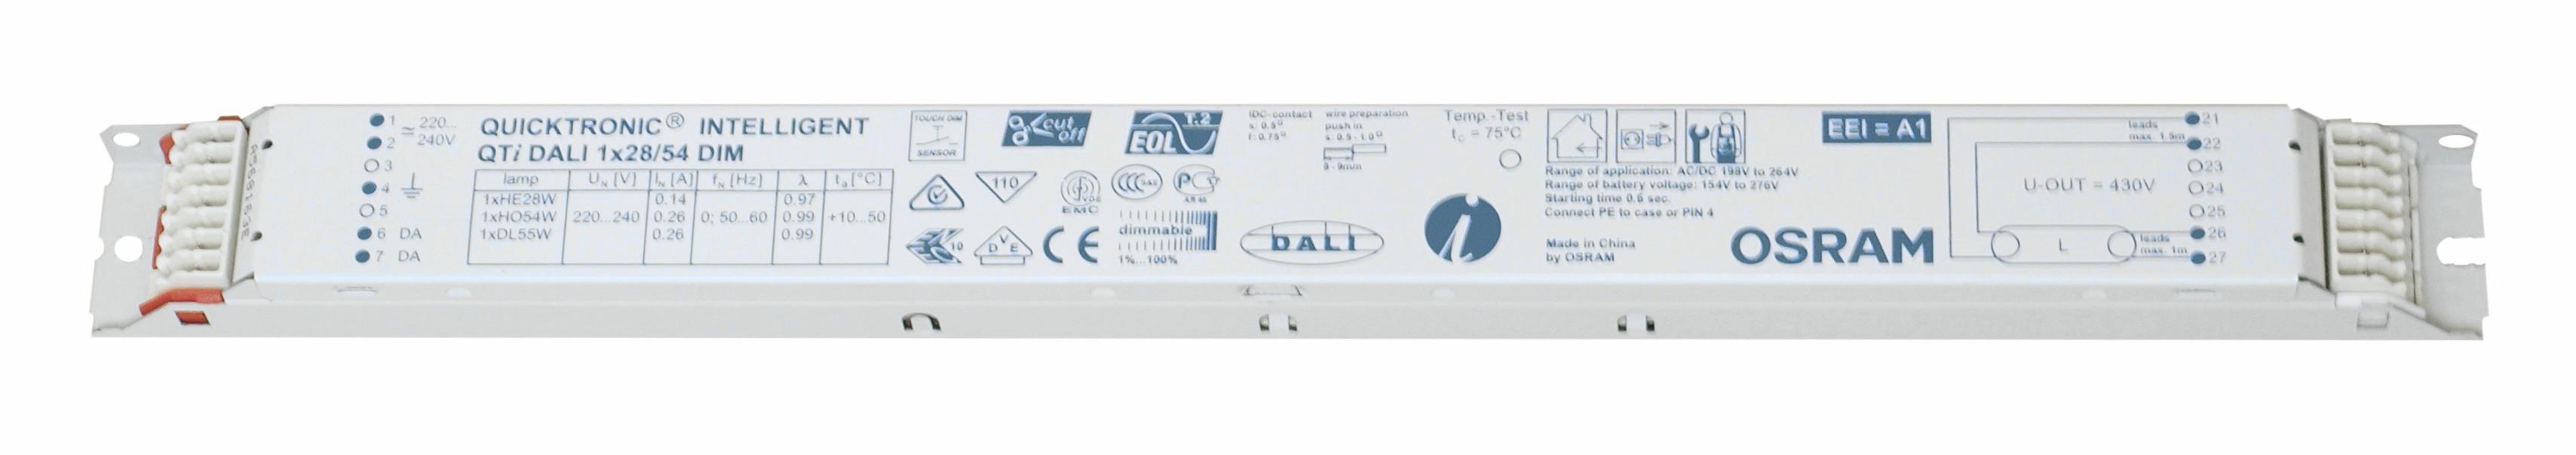 1 Stk EVG QTIDALI 1x28/54/220/240 für T5 dimmbar DALI LI5Z870809